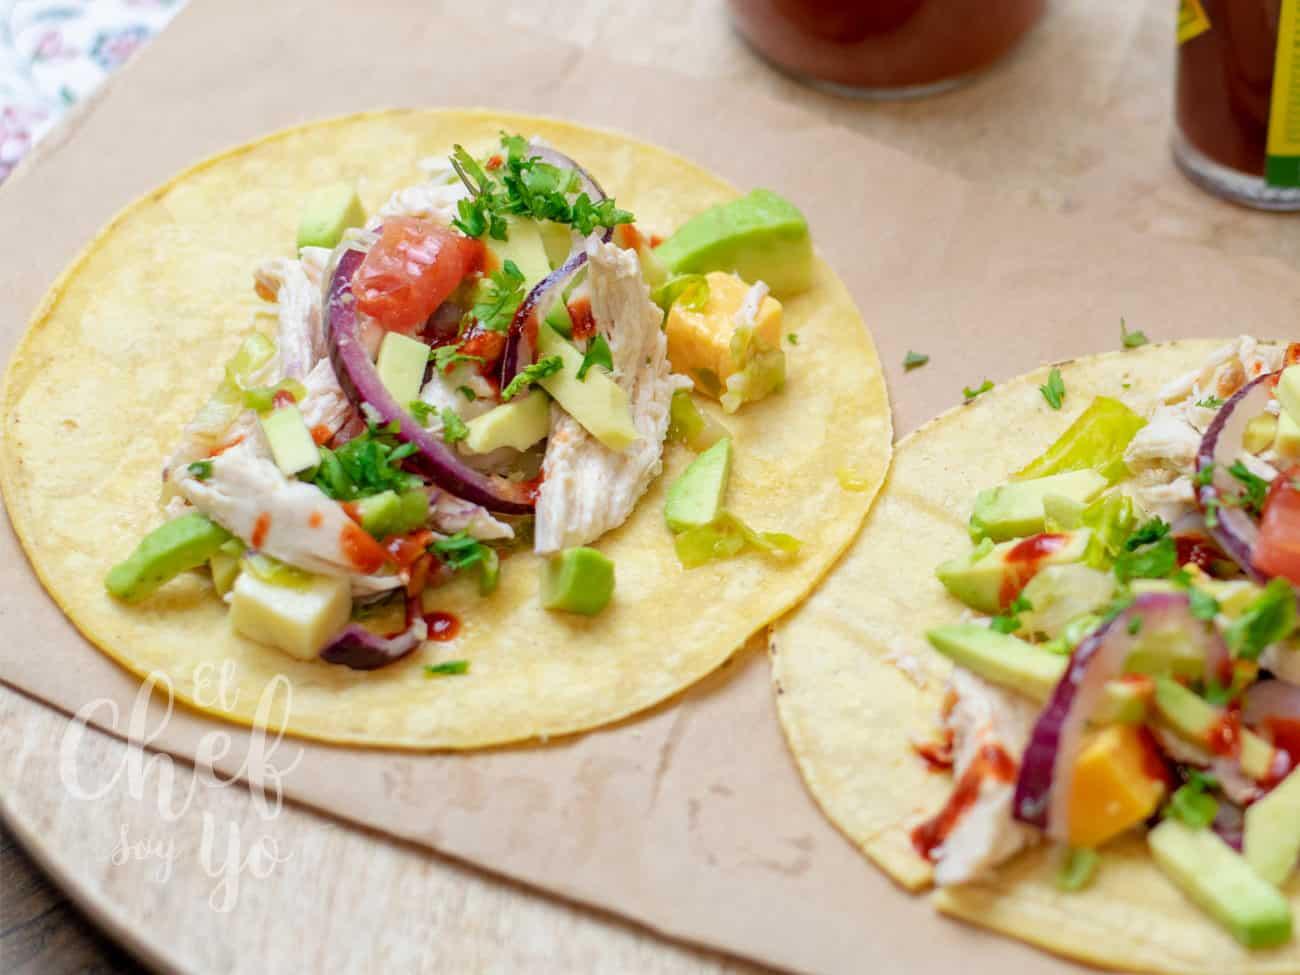 Tacos de pollo blanco